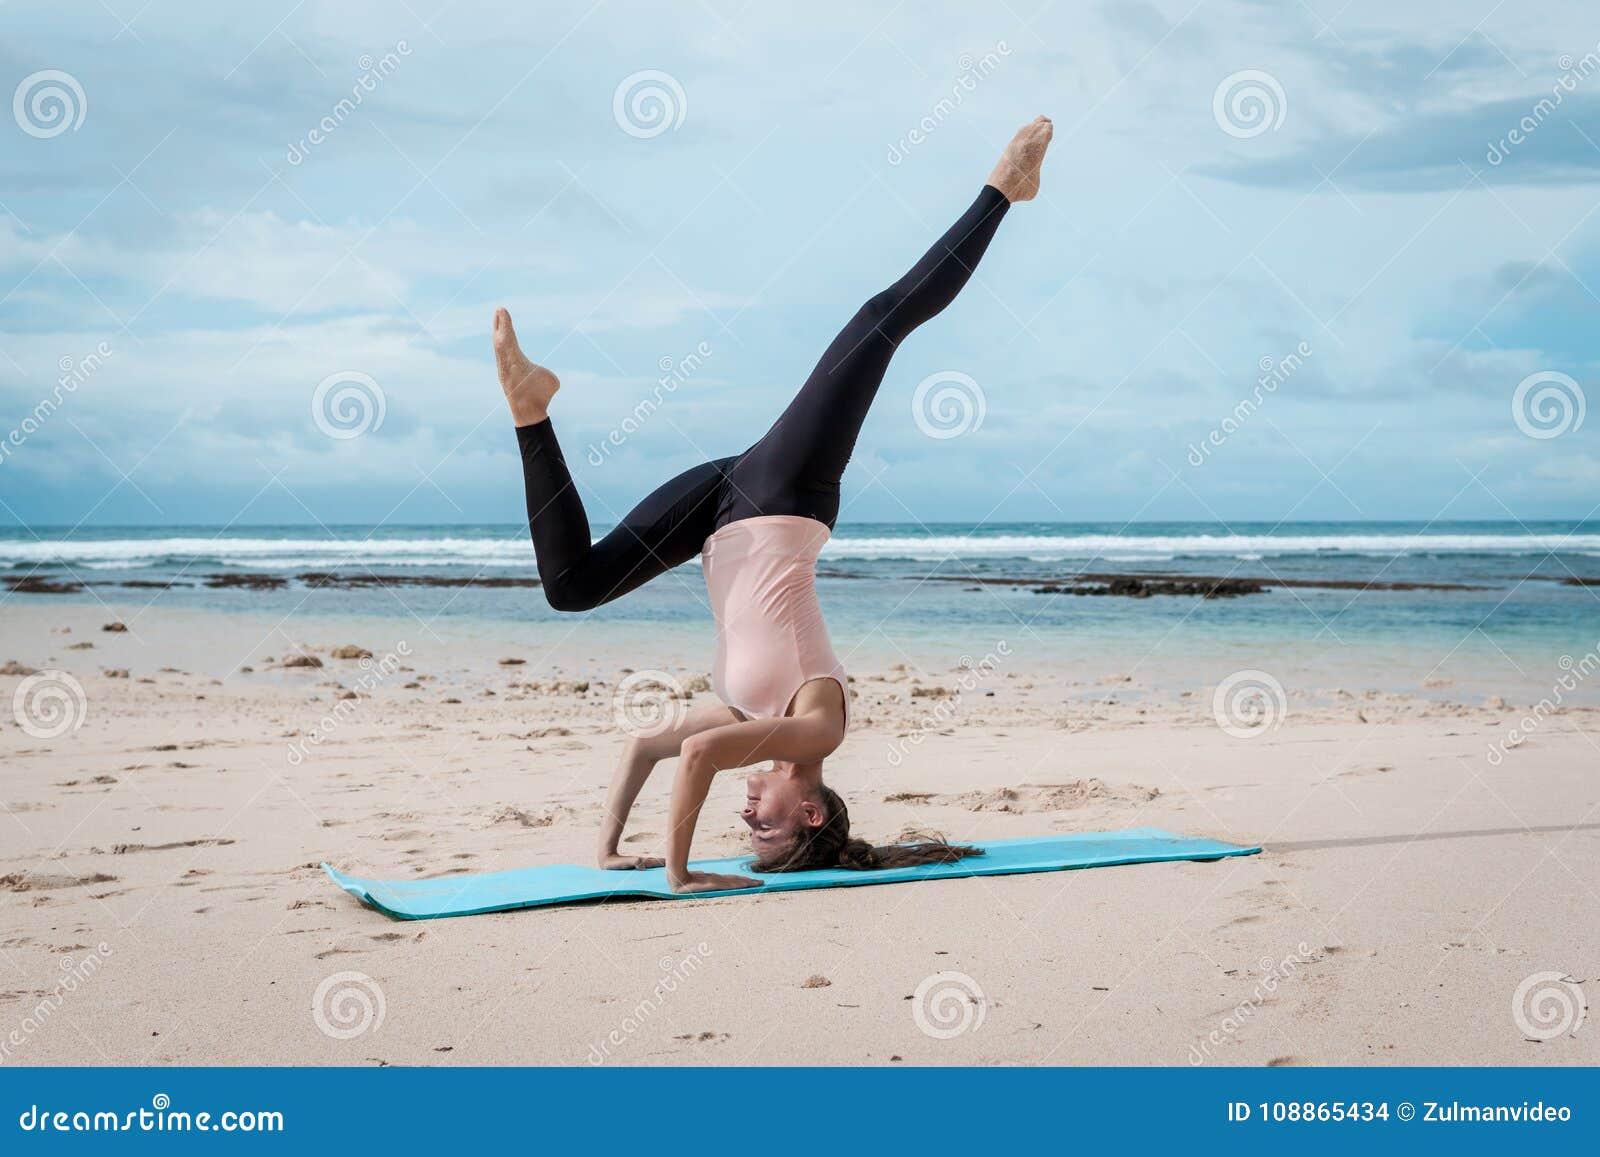 Fitness, Sport, Mensen En Gezondheidszorgconcept - Stock